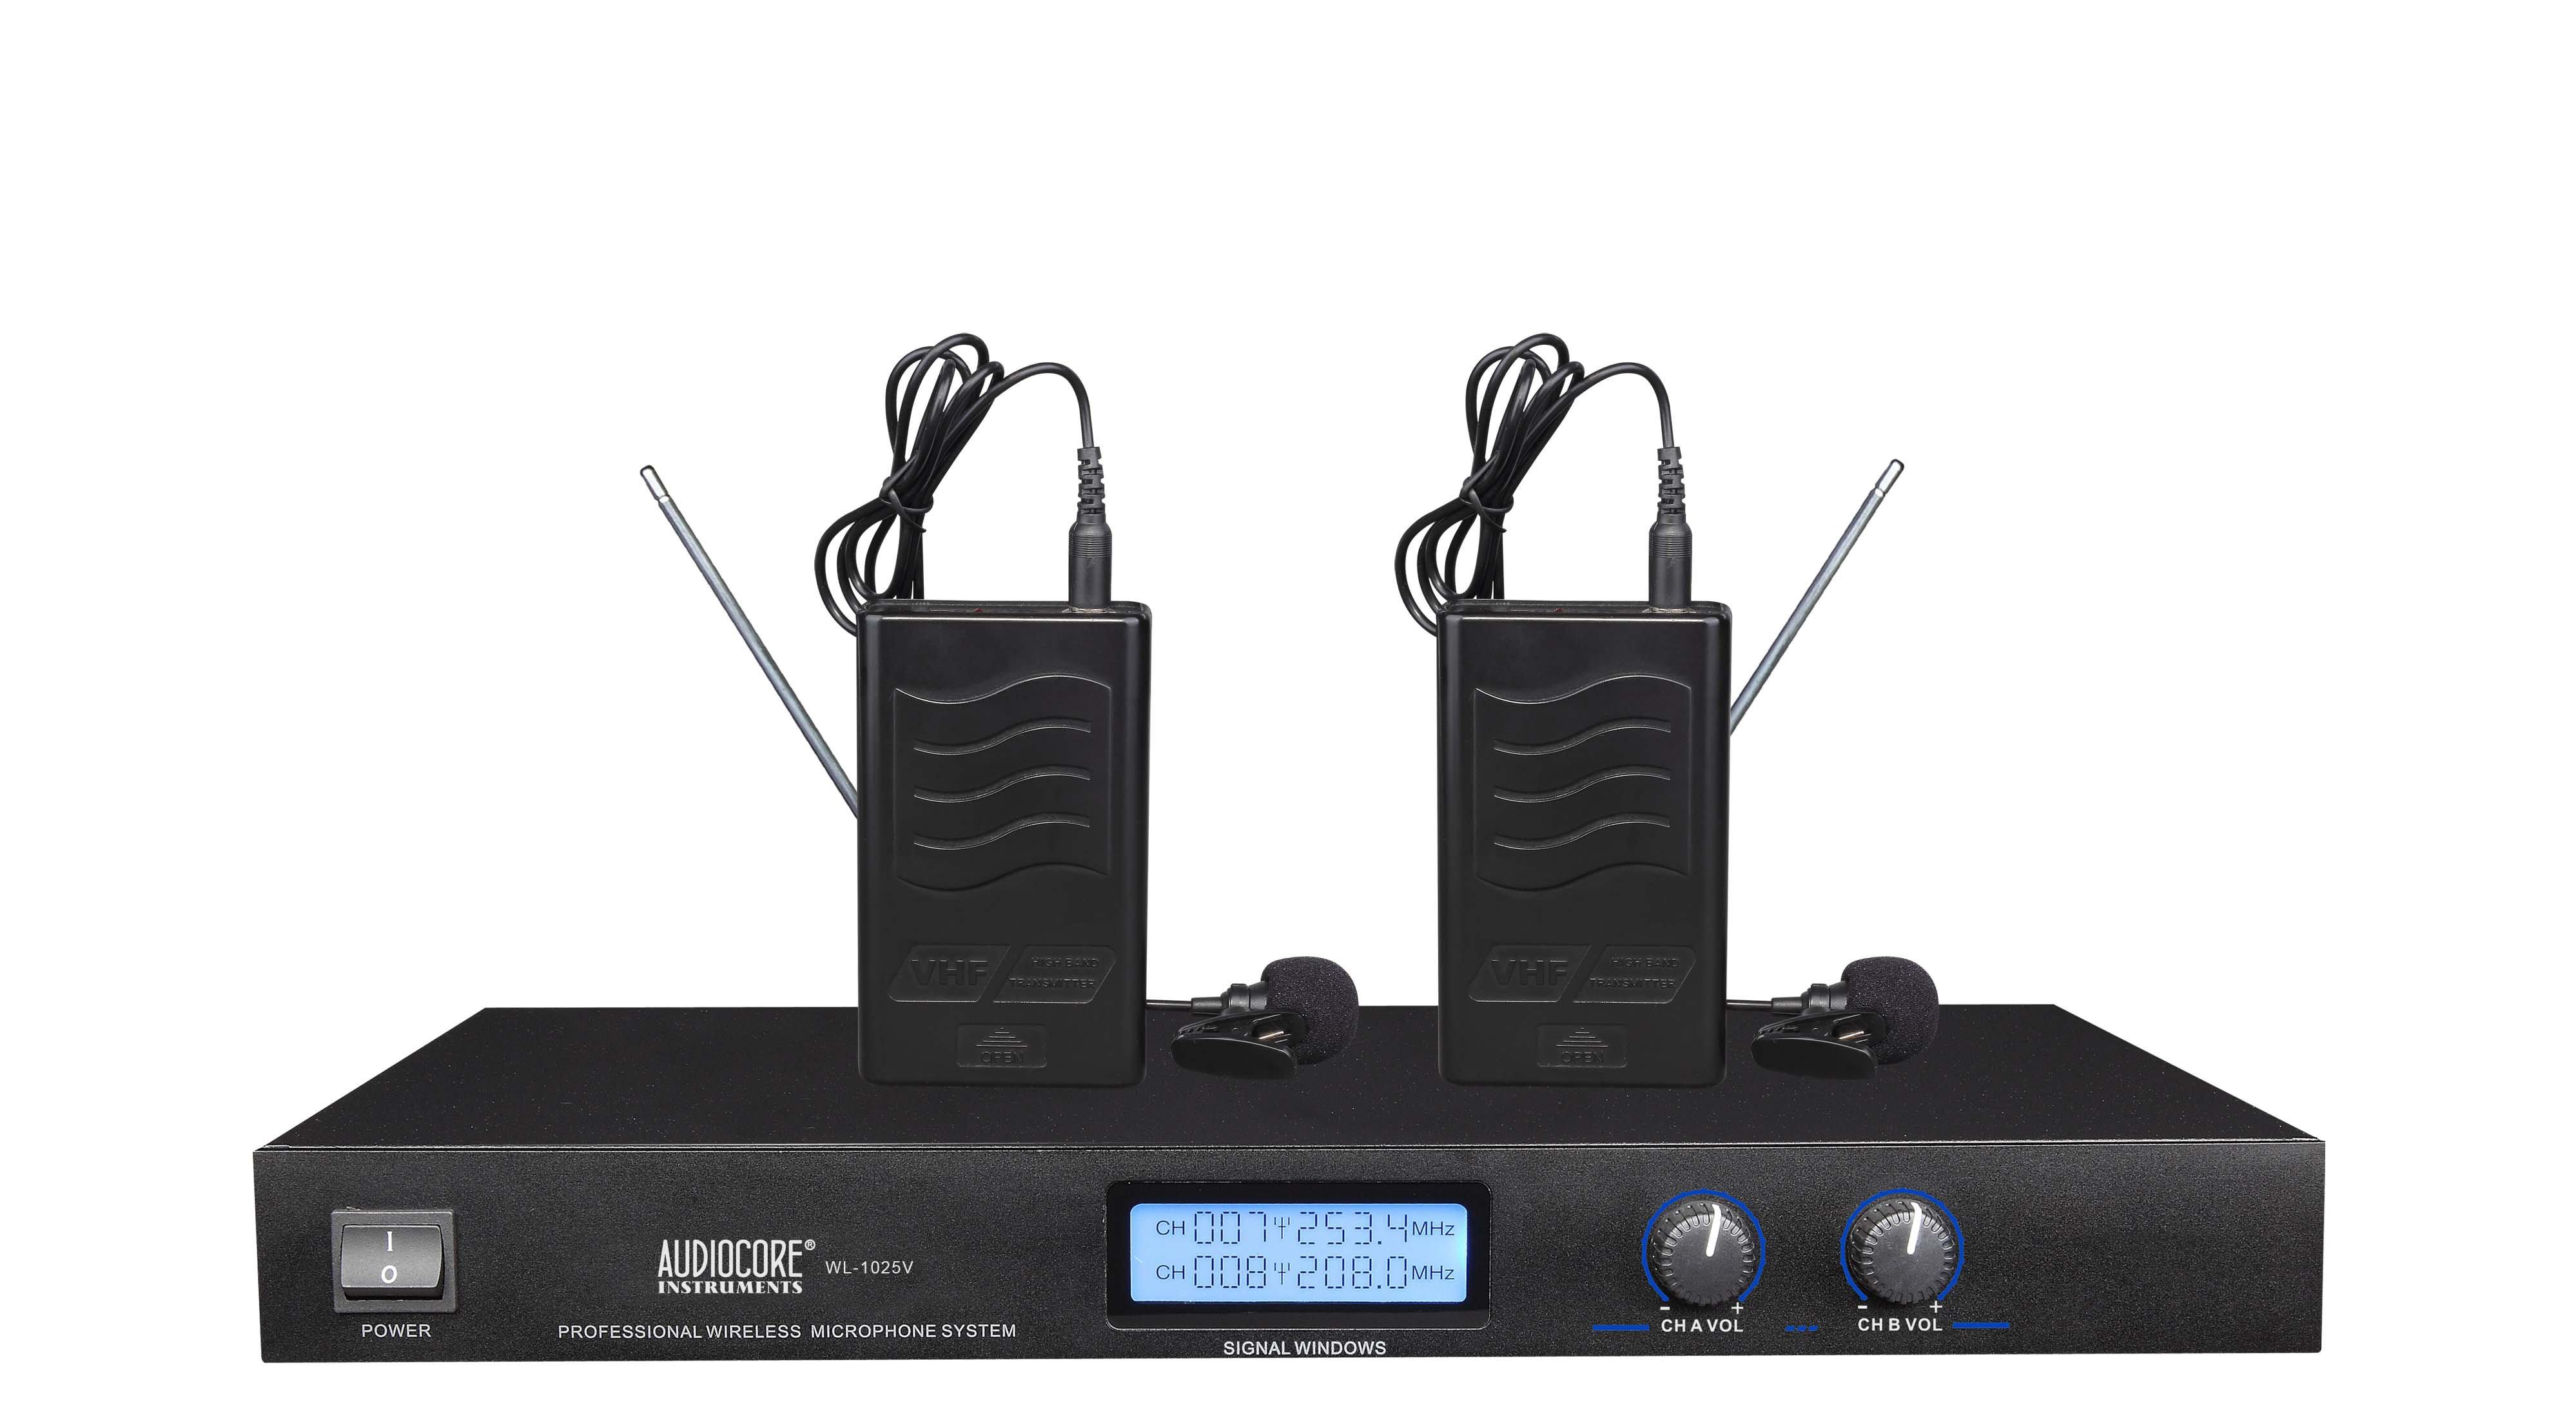 Audiocore WL-1025V | audiocore